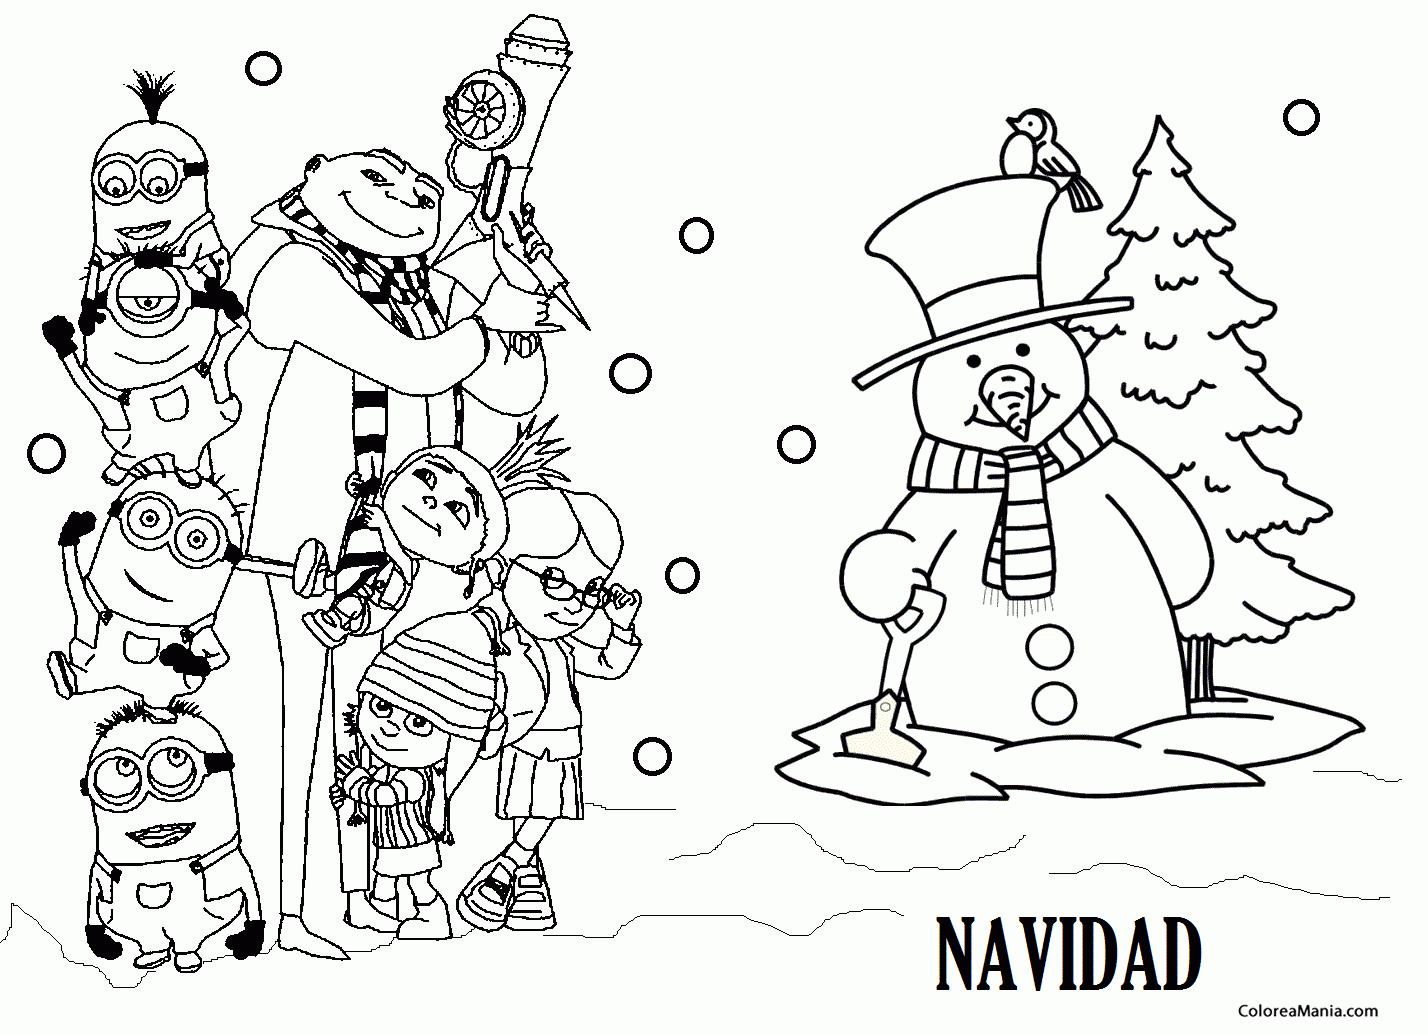 Colorear Minions en Navidad Minions dibujo para colorear gratis